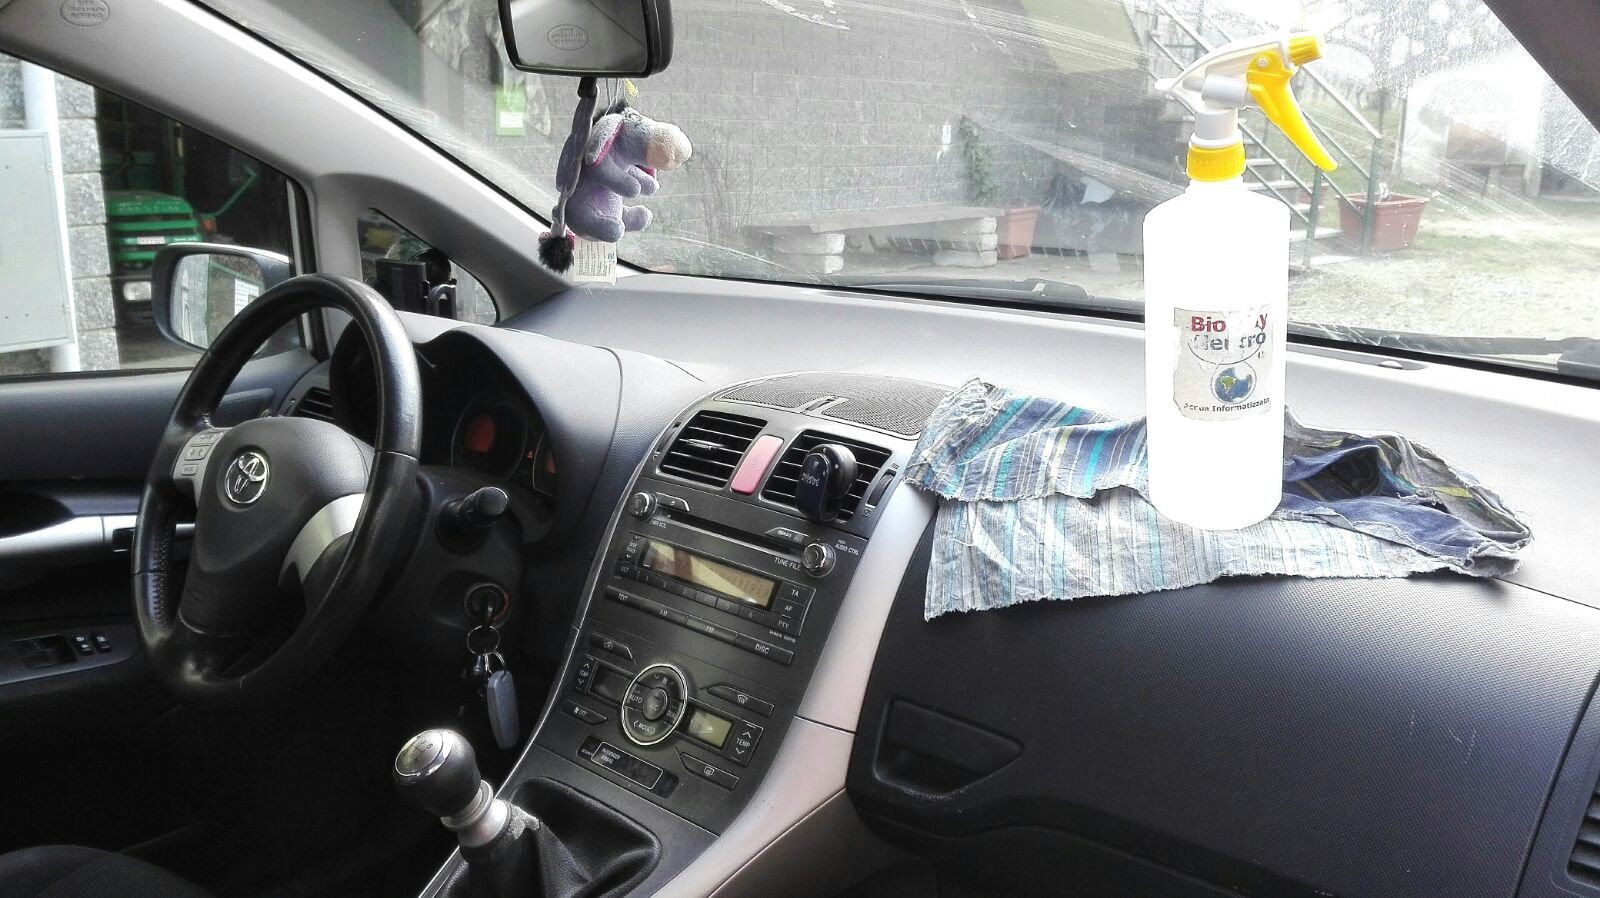 L'auto, deliziarla con dolci massaggi all'acqua informatizzata......